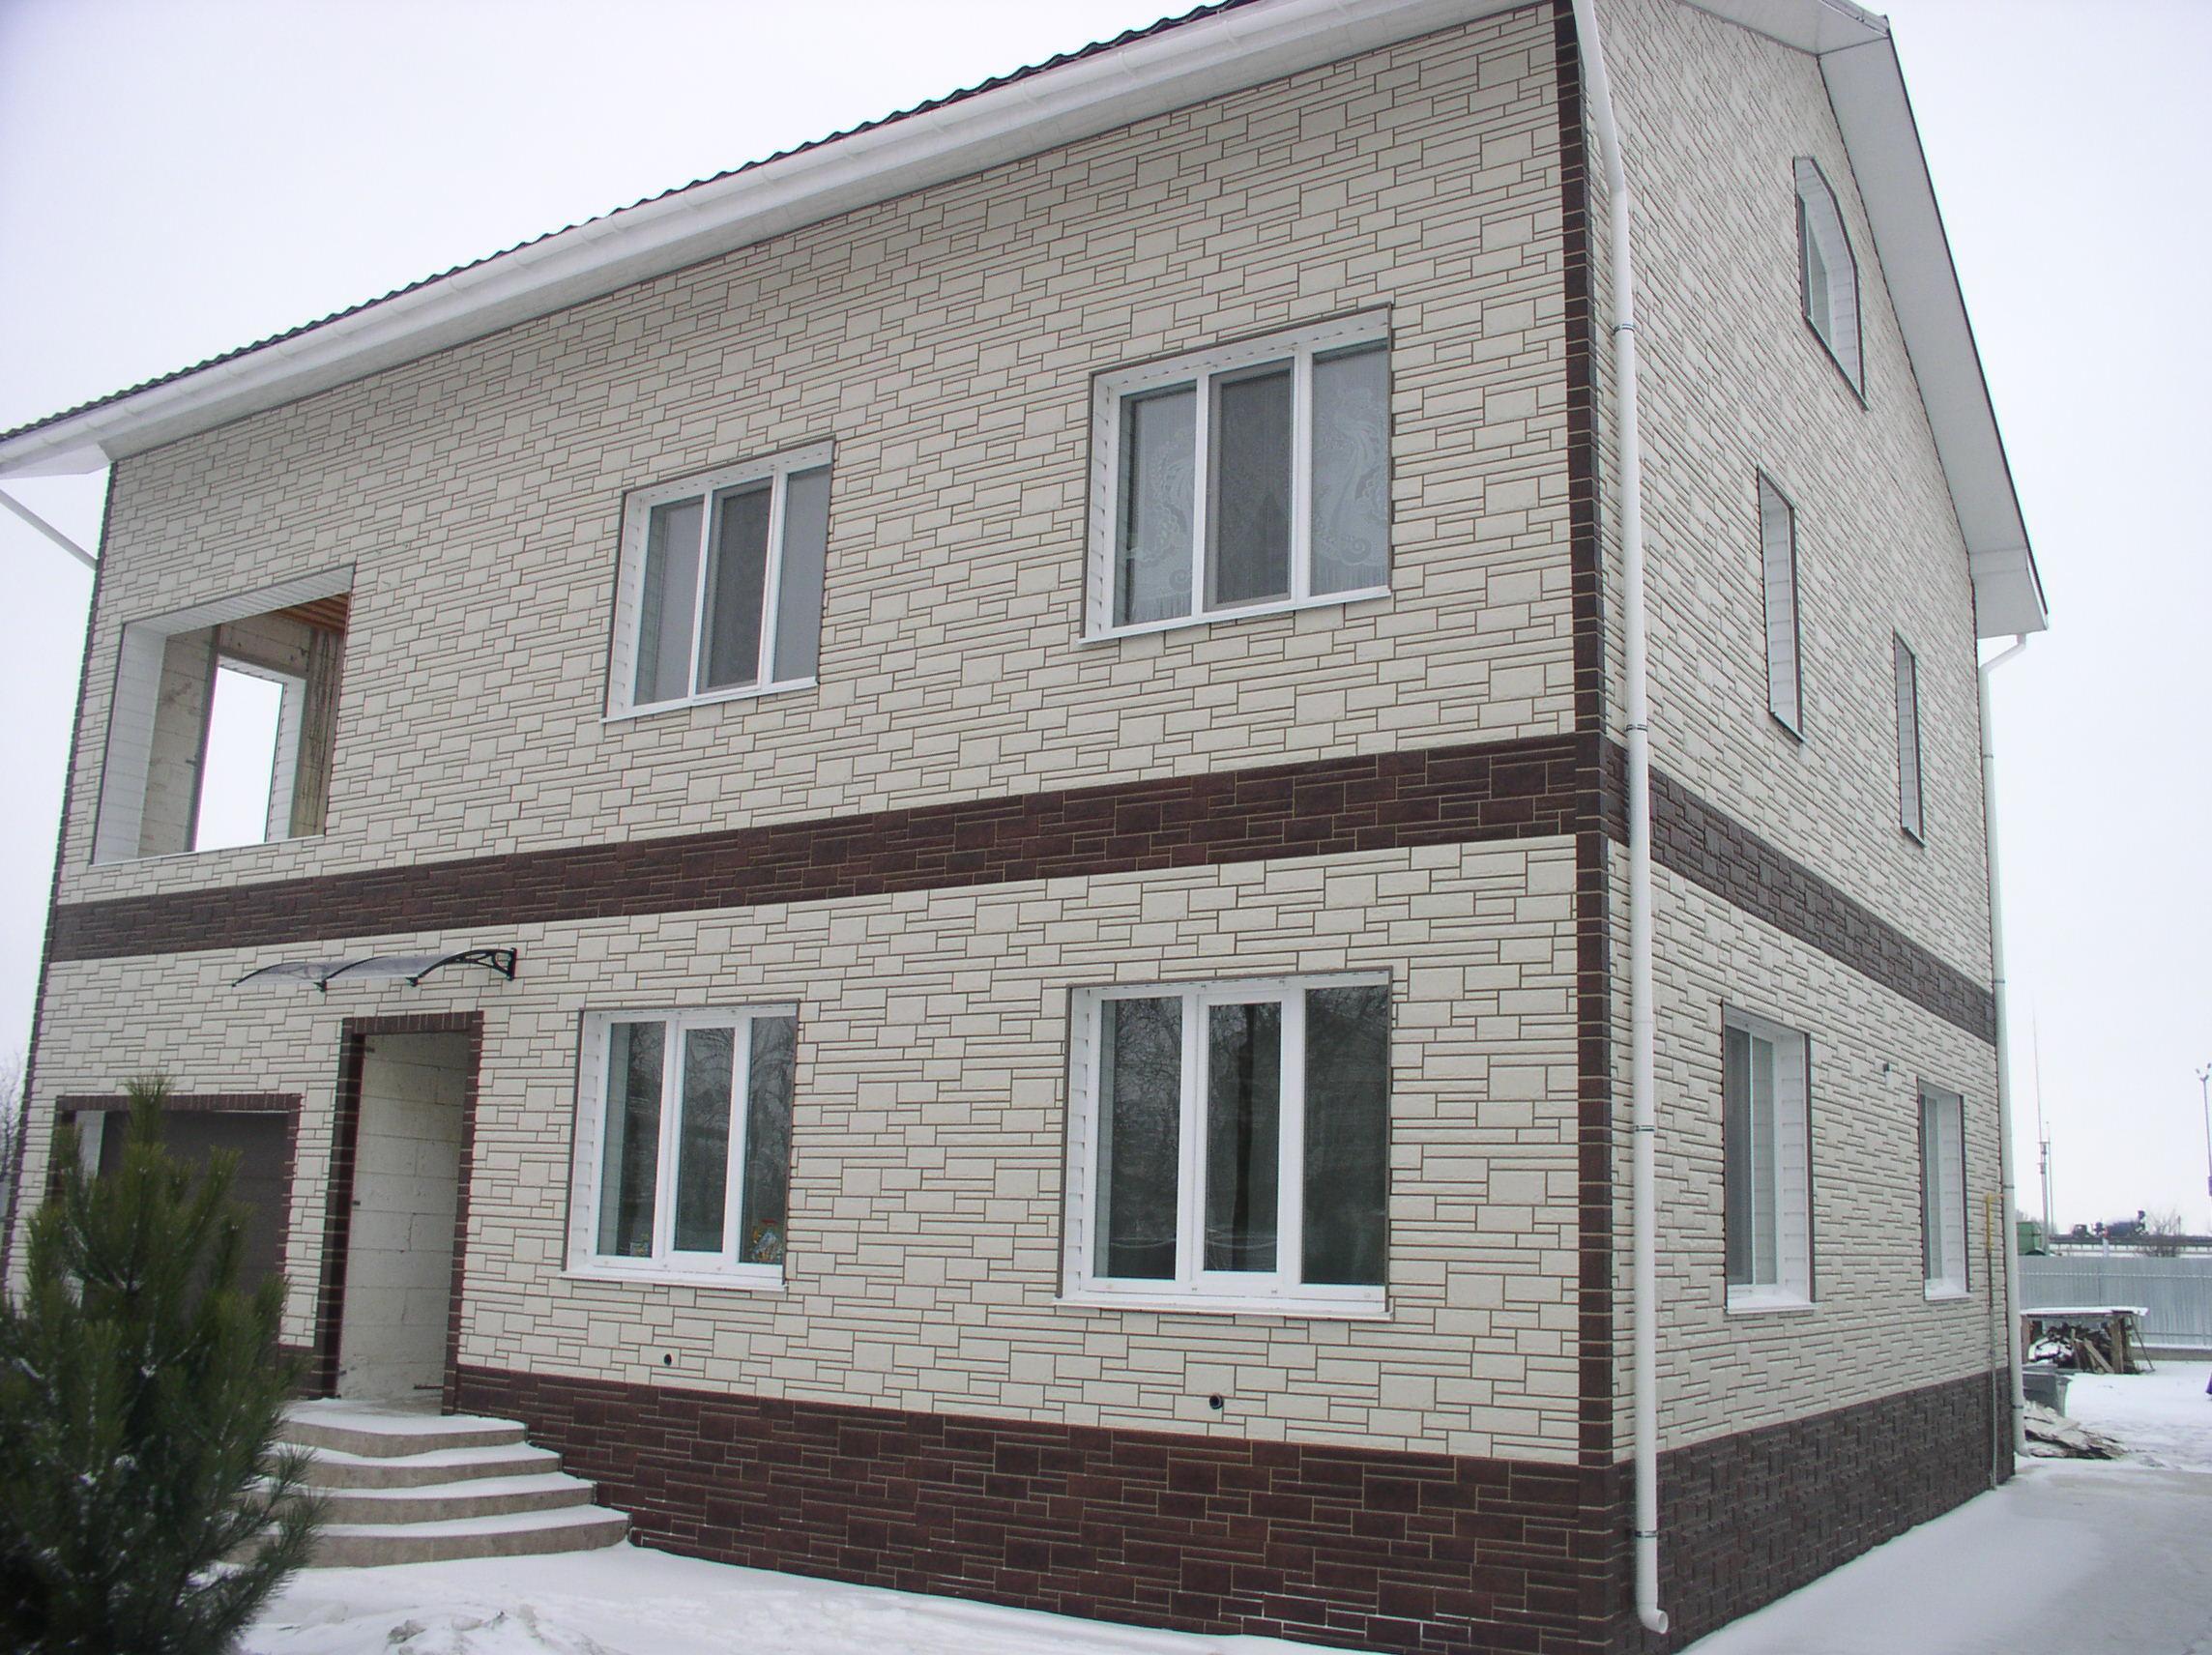 Панели фасада